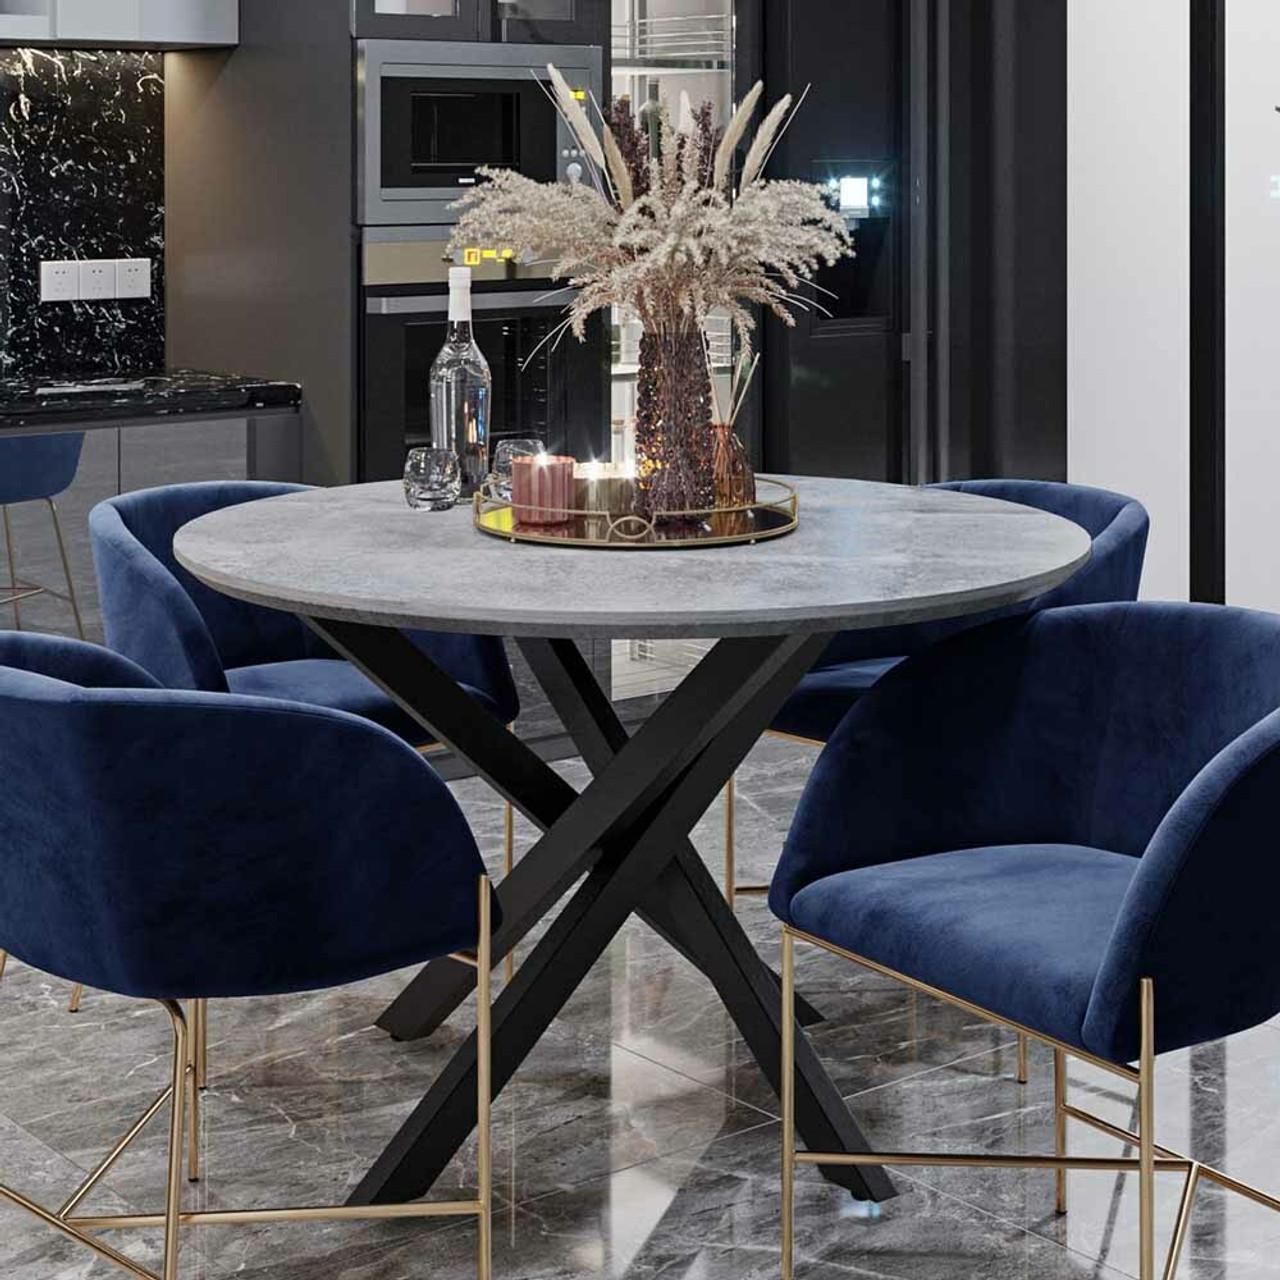 Stoten Round Dining Table